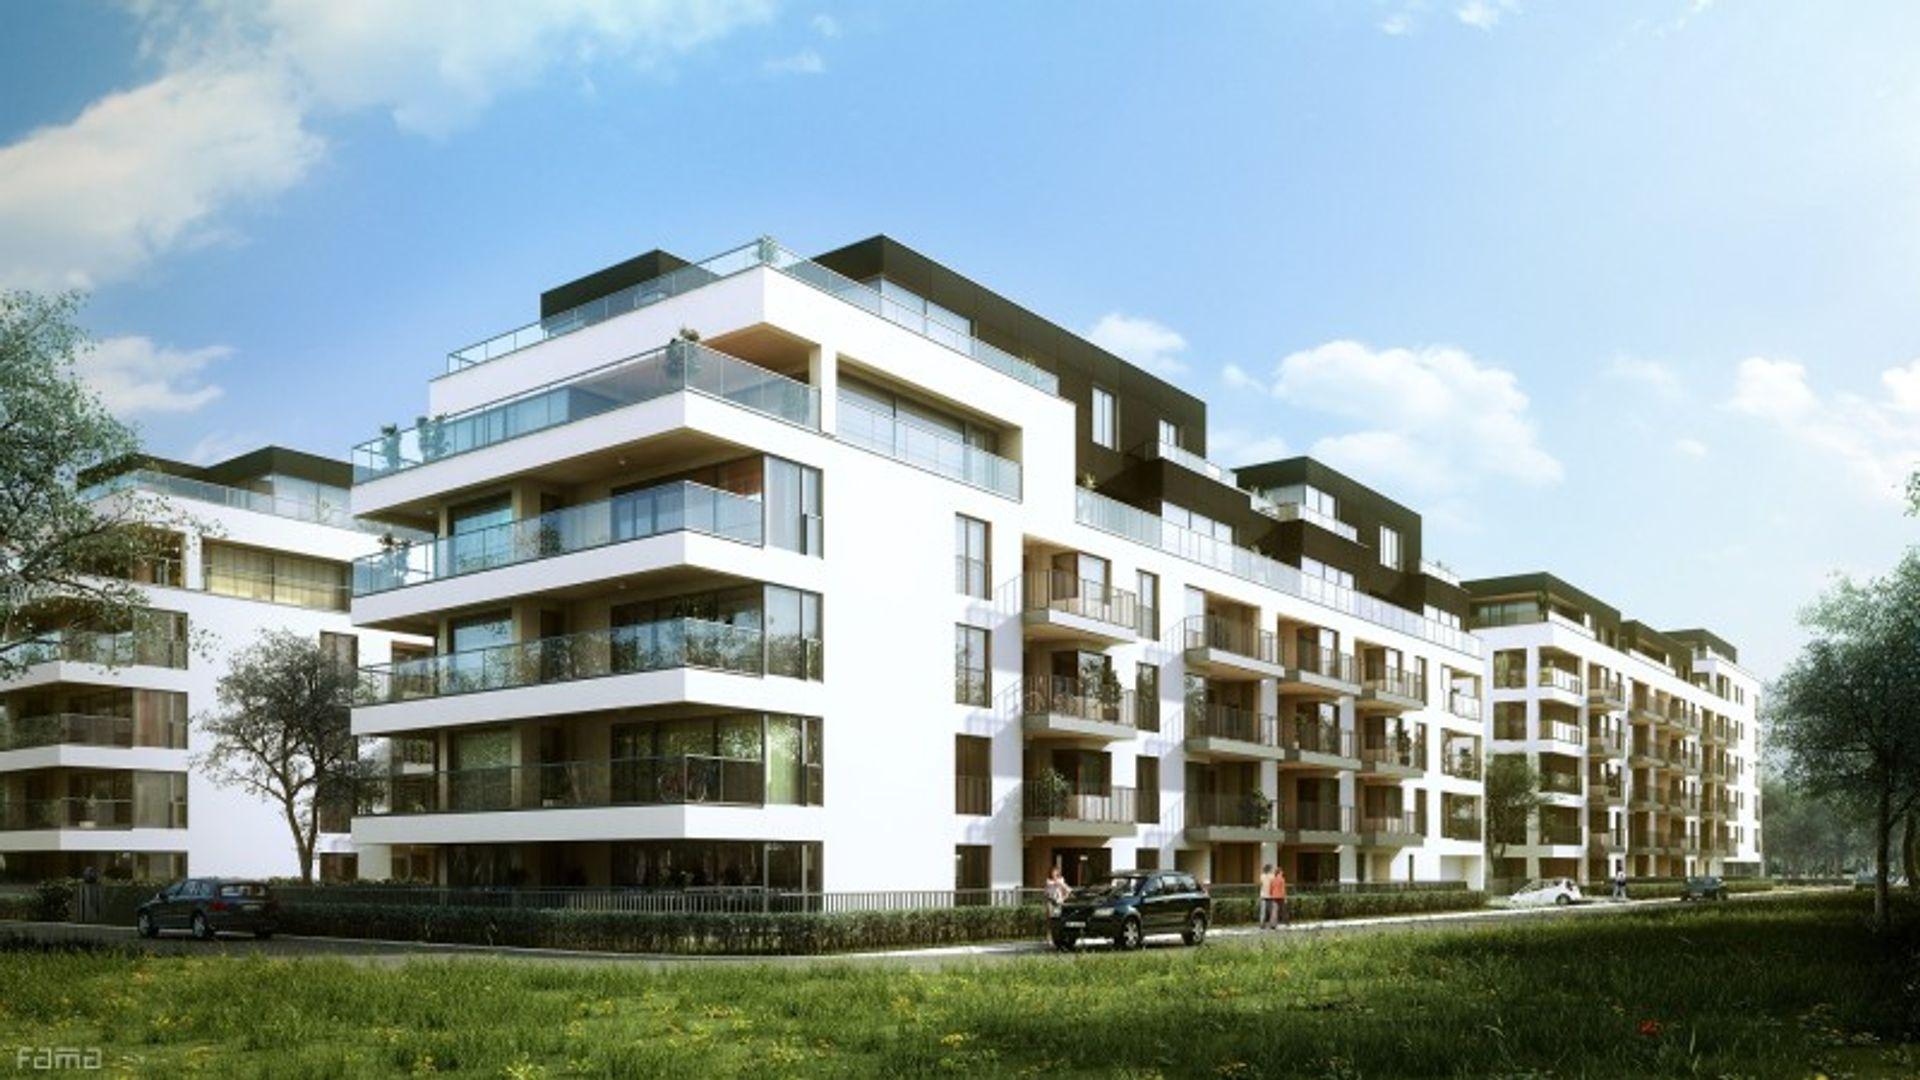 [Warszawa] Atrakcyjna oferta cenowa na siedem wybranych apartamentów w inwestycji Grazioso Apartamenty podczas dni otwartych